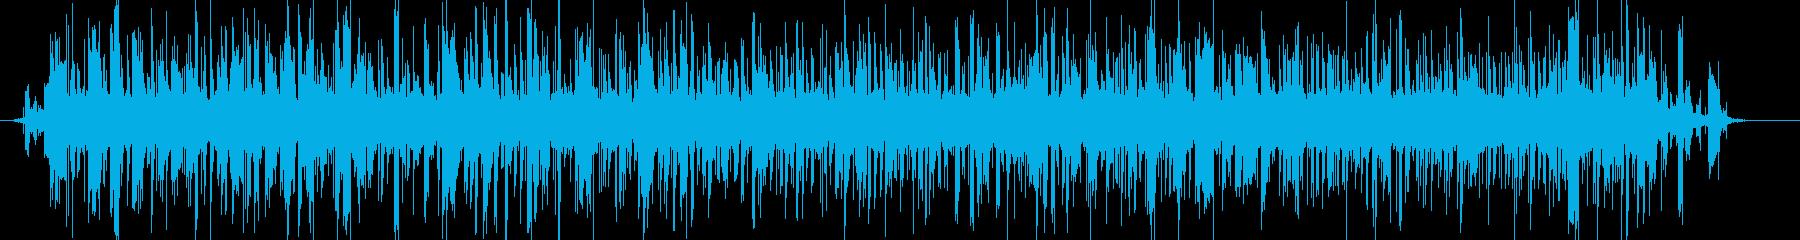 幻想的なサスペンス映画の雰囲気のBGMの再生済みの波形